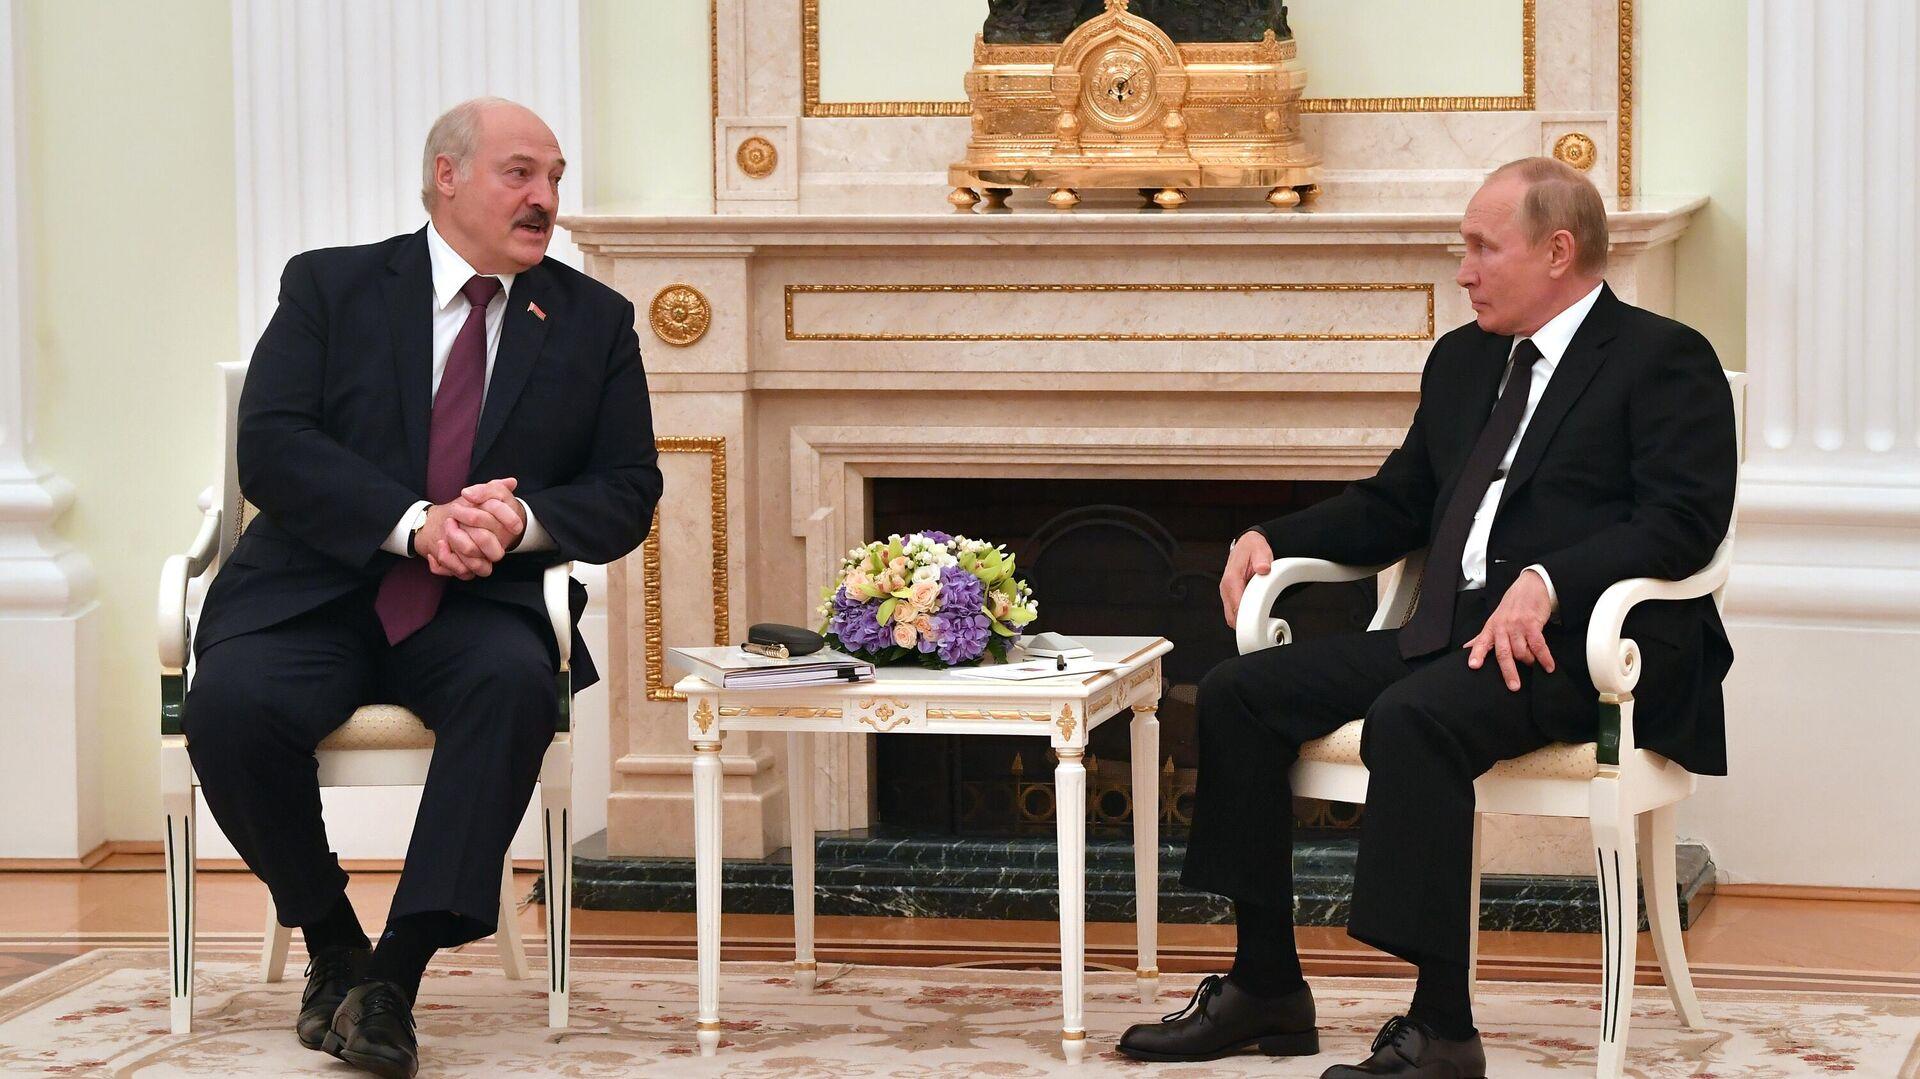 Переговоры президента РФ В. Путина с президентом Белоруссии А. Лукашенко - Sputnik Грузия, 1920, 10.09.2021